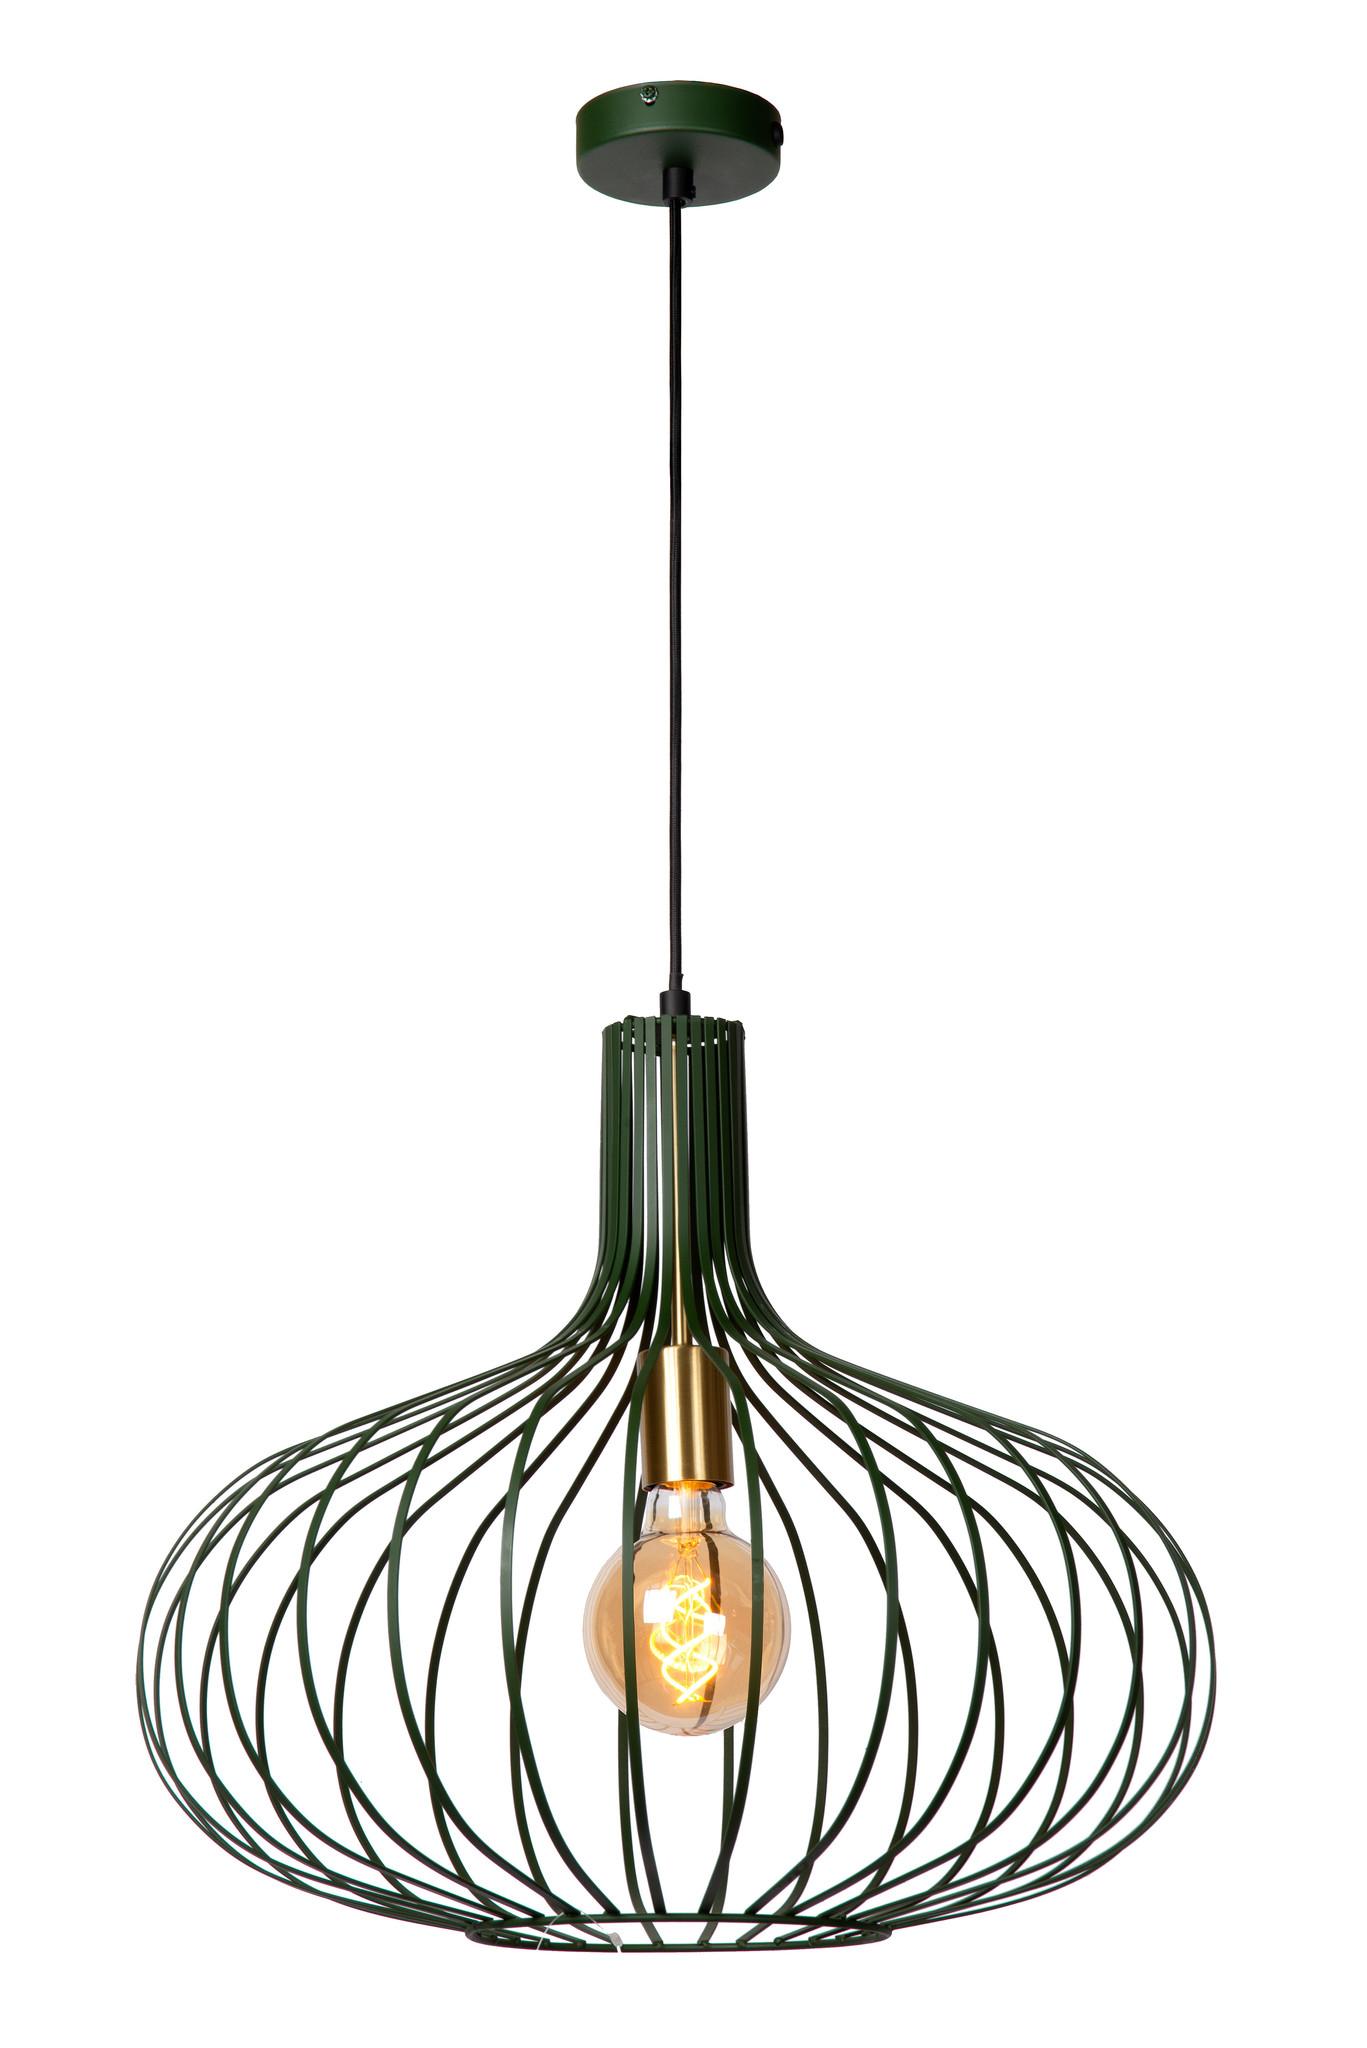 Lucide MANUELA Hanglamp-Groen-Ø65-1xE27-60W-Metaal